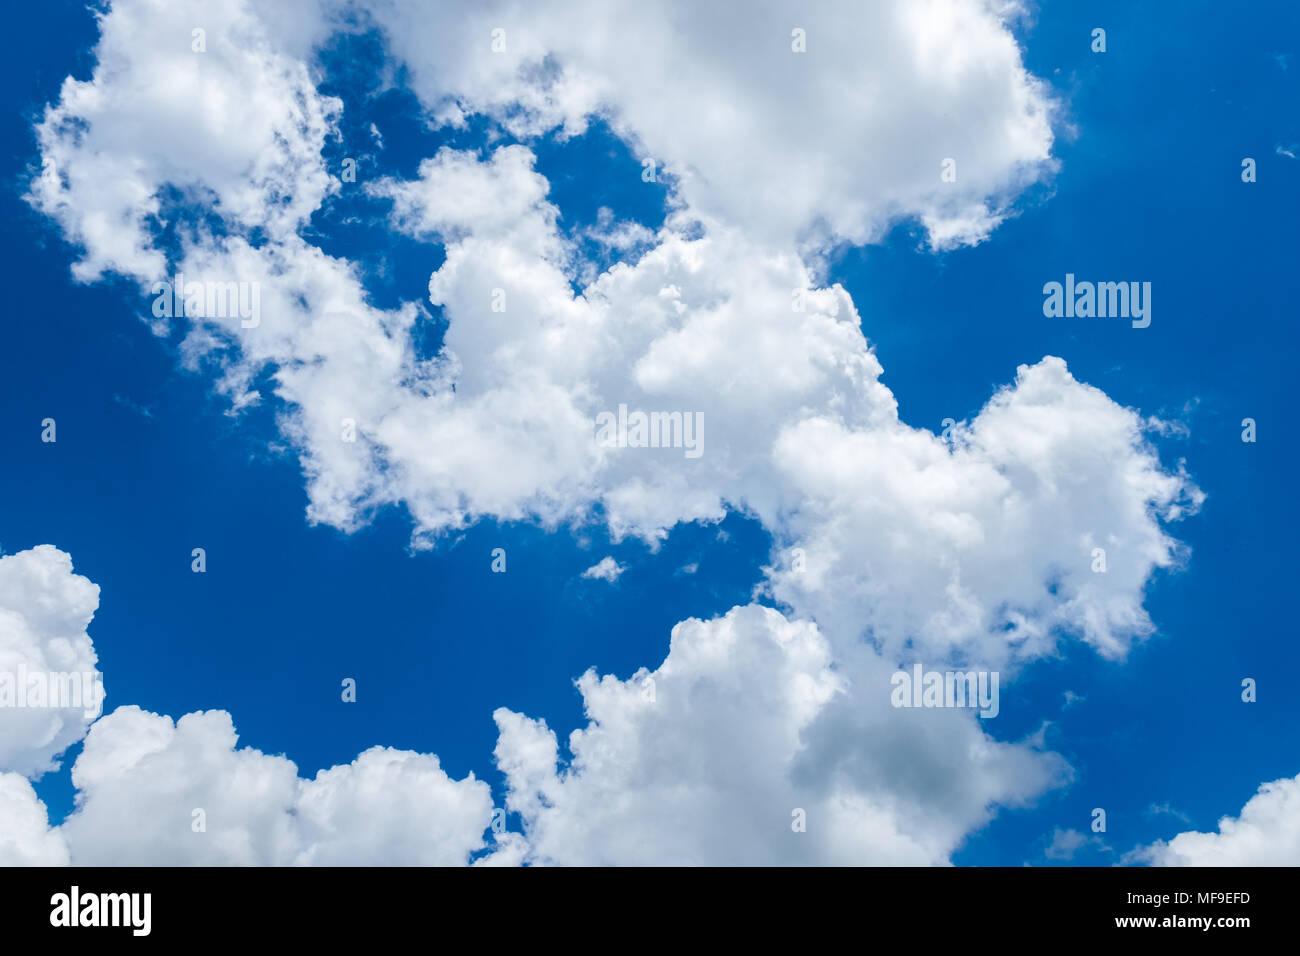 Nubes cumulus en el cielo azul profundo. Cloudscape. Resumen Antecedentes naturales. Foto de stock